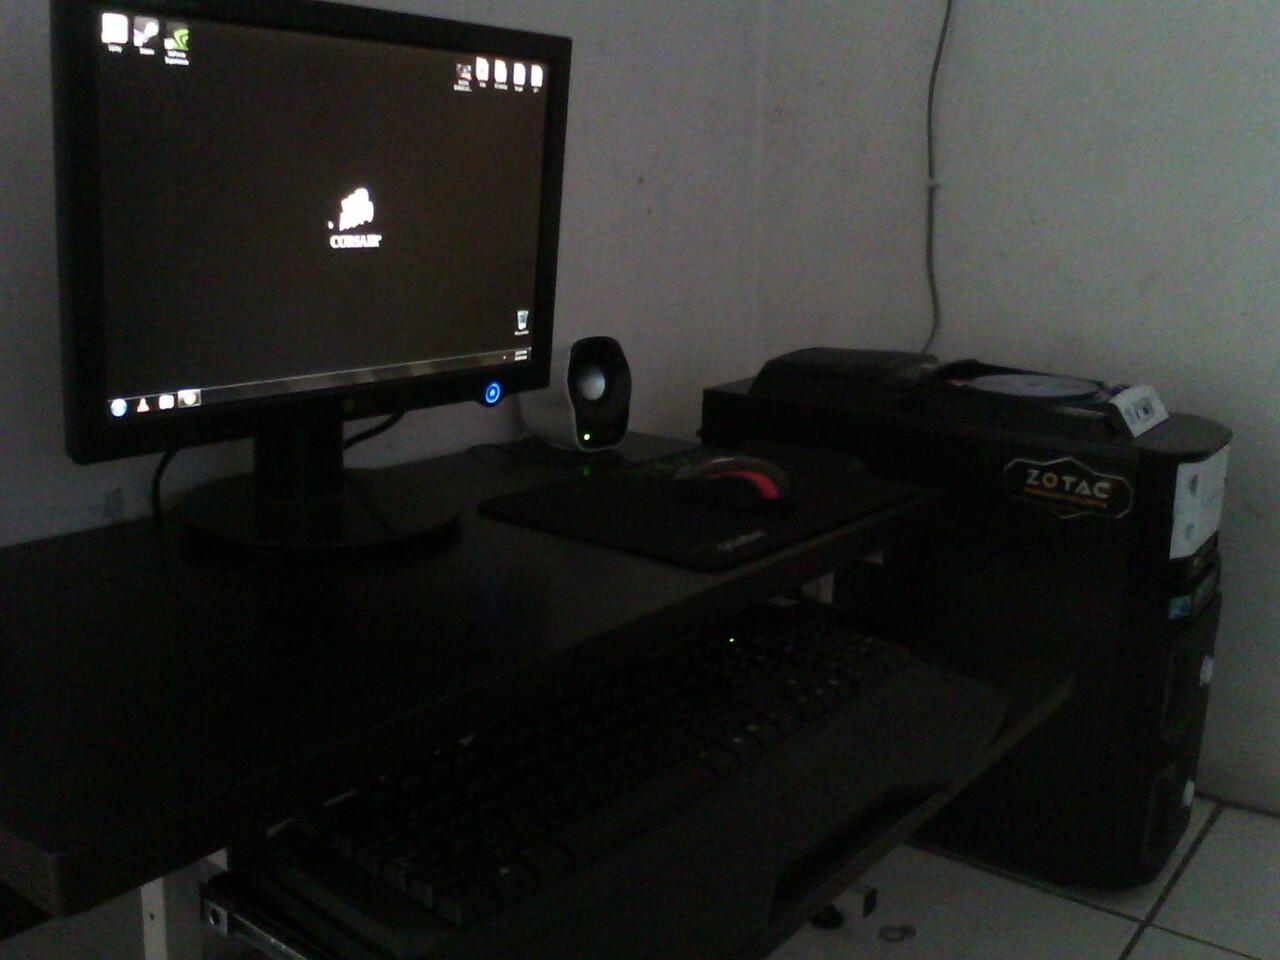 Terjual Meja Komputer Lesehan Laptop Lipat Anak Gambar